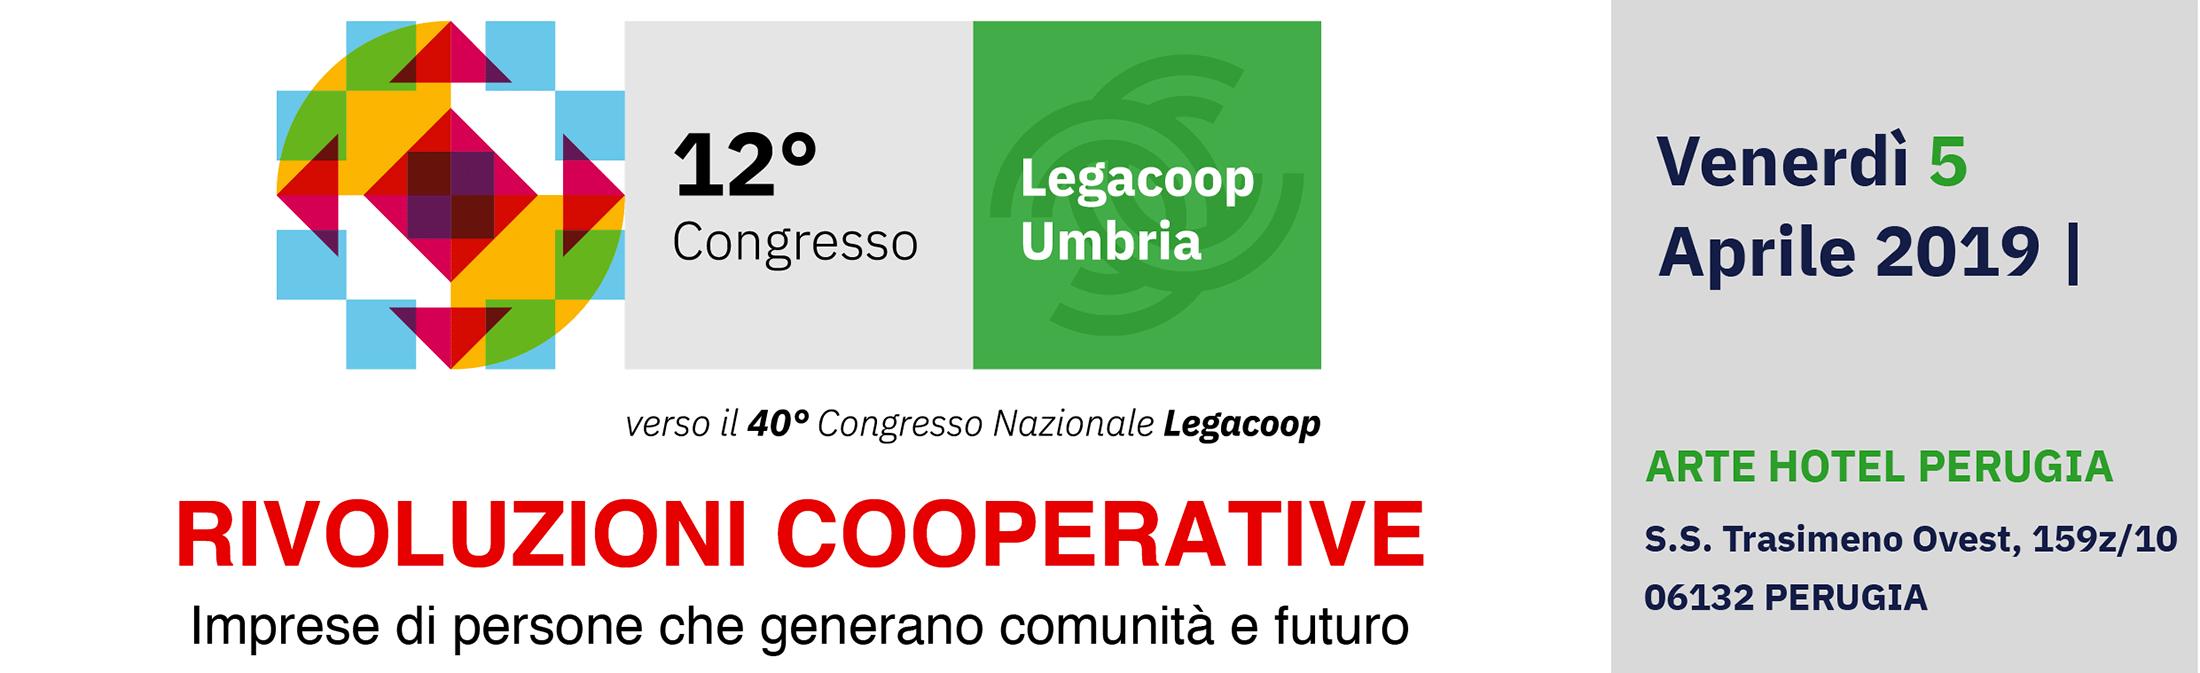 Legacoop Umbria | 12° Congresso Legacoop Umbria